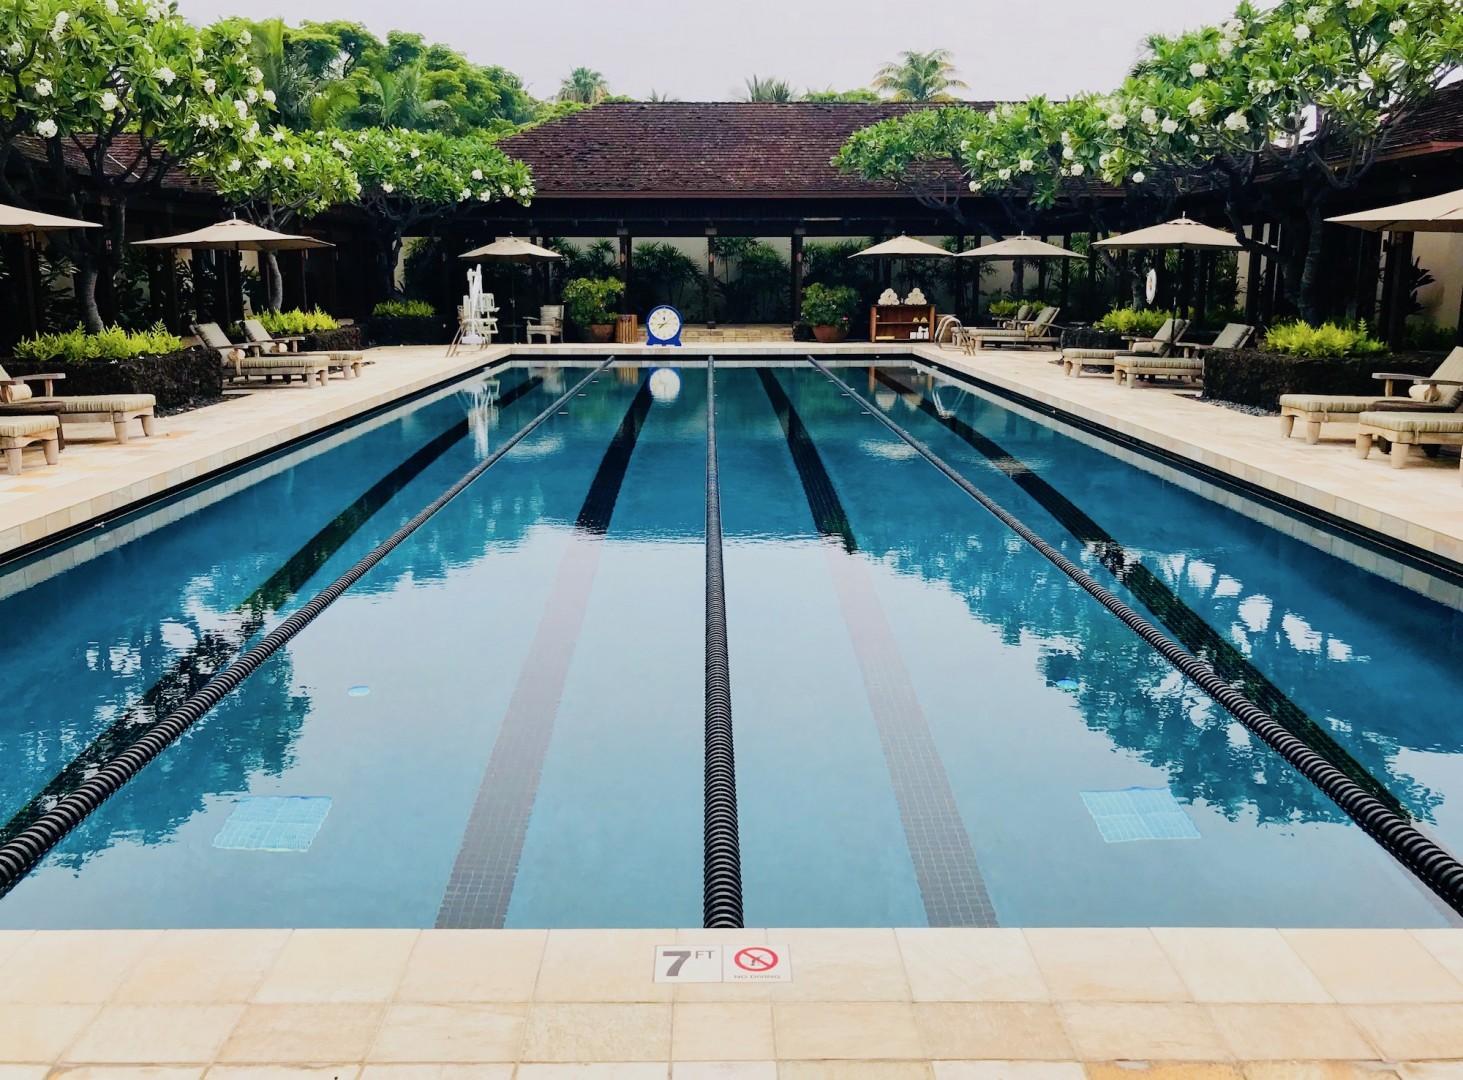 Four Seasons Resort lap pool.